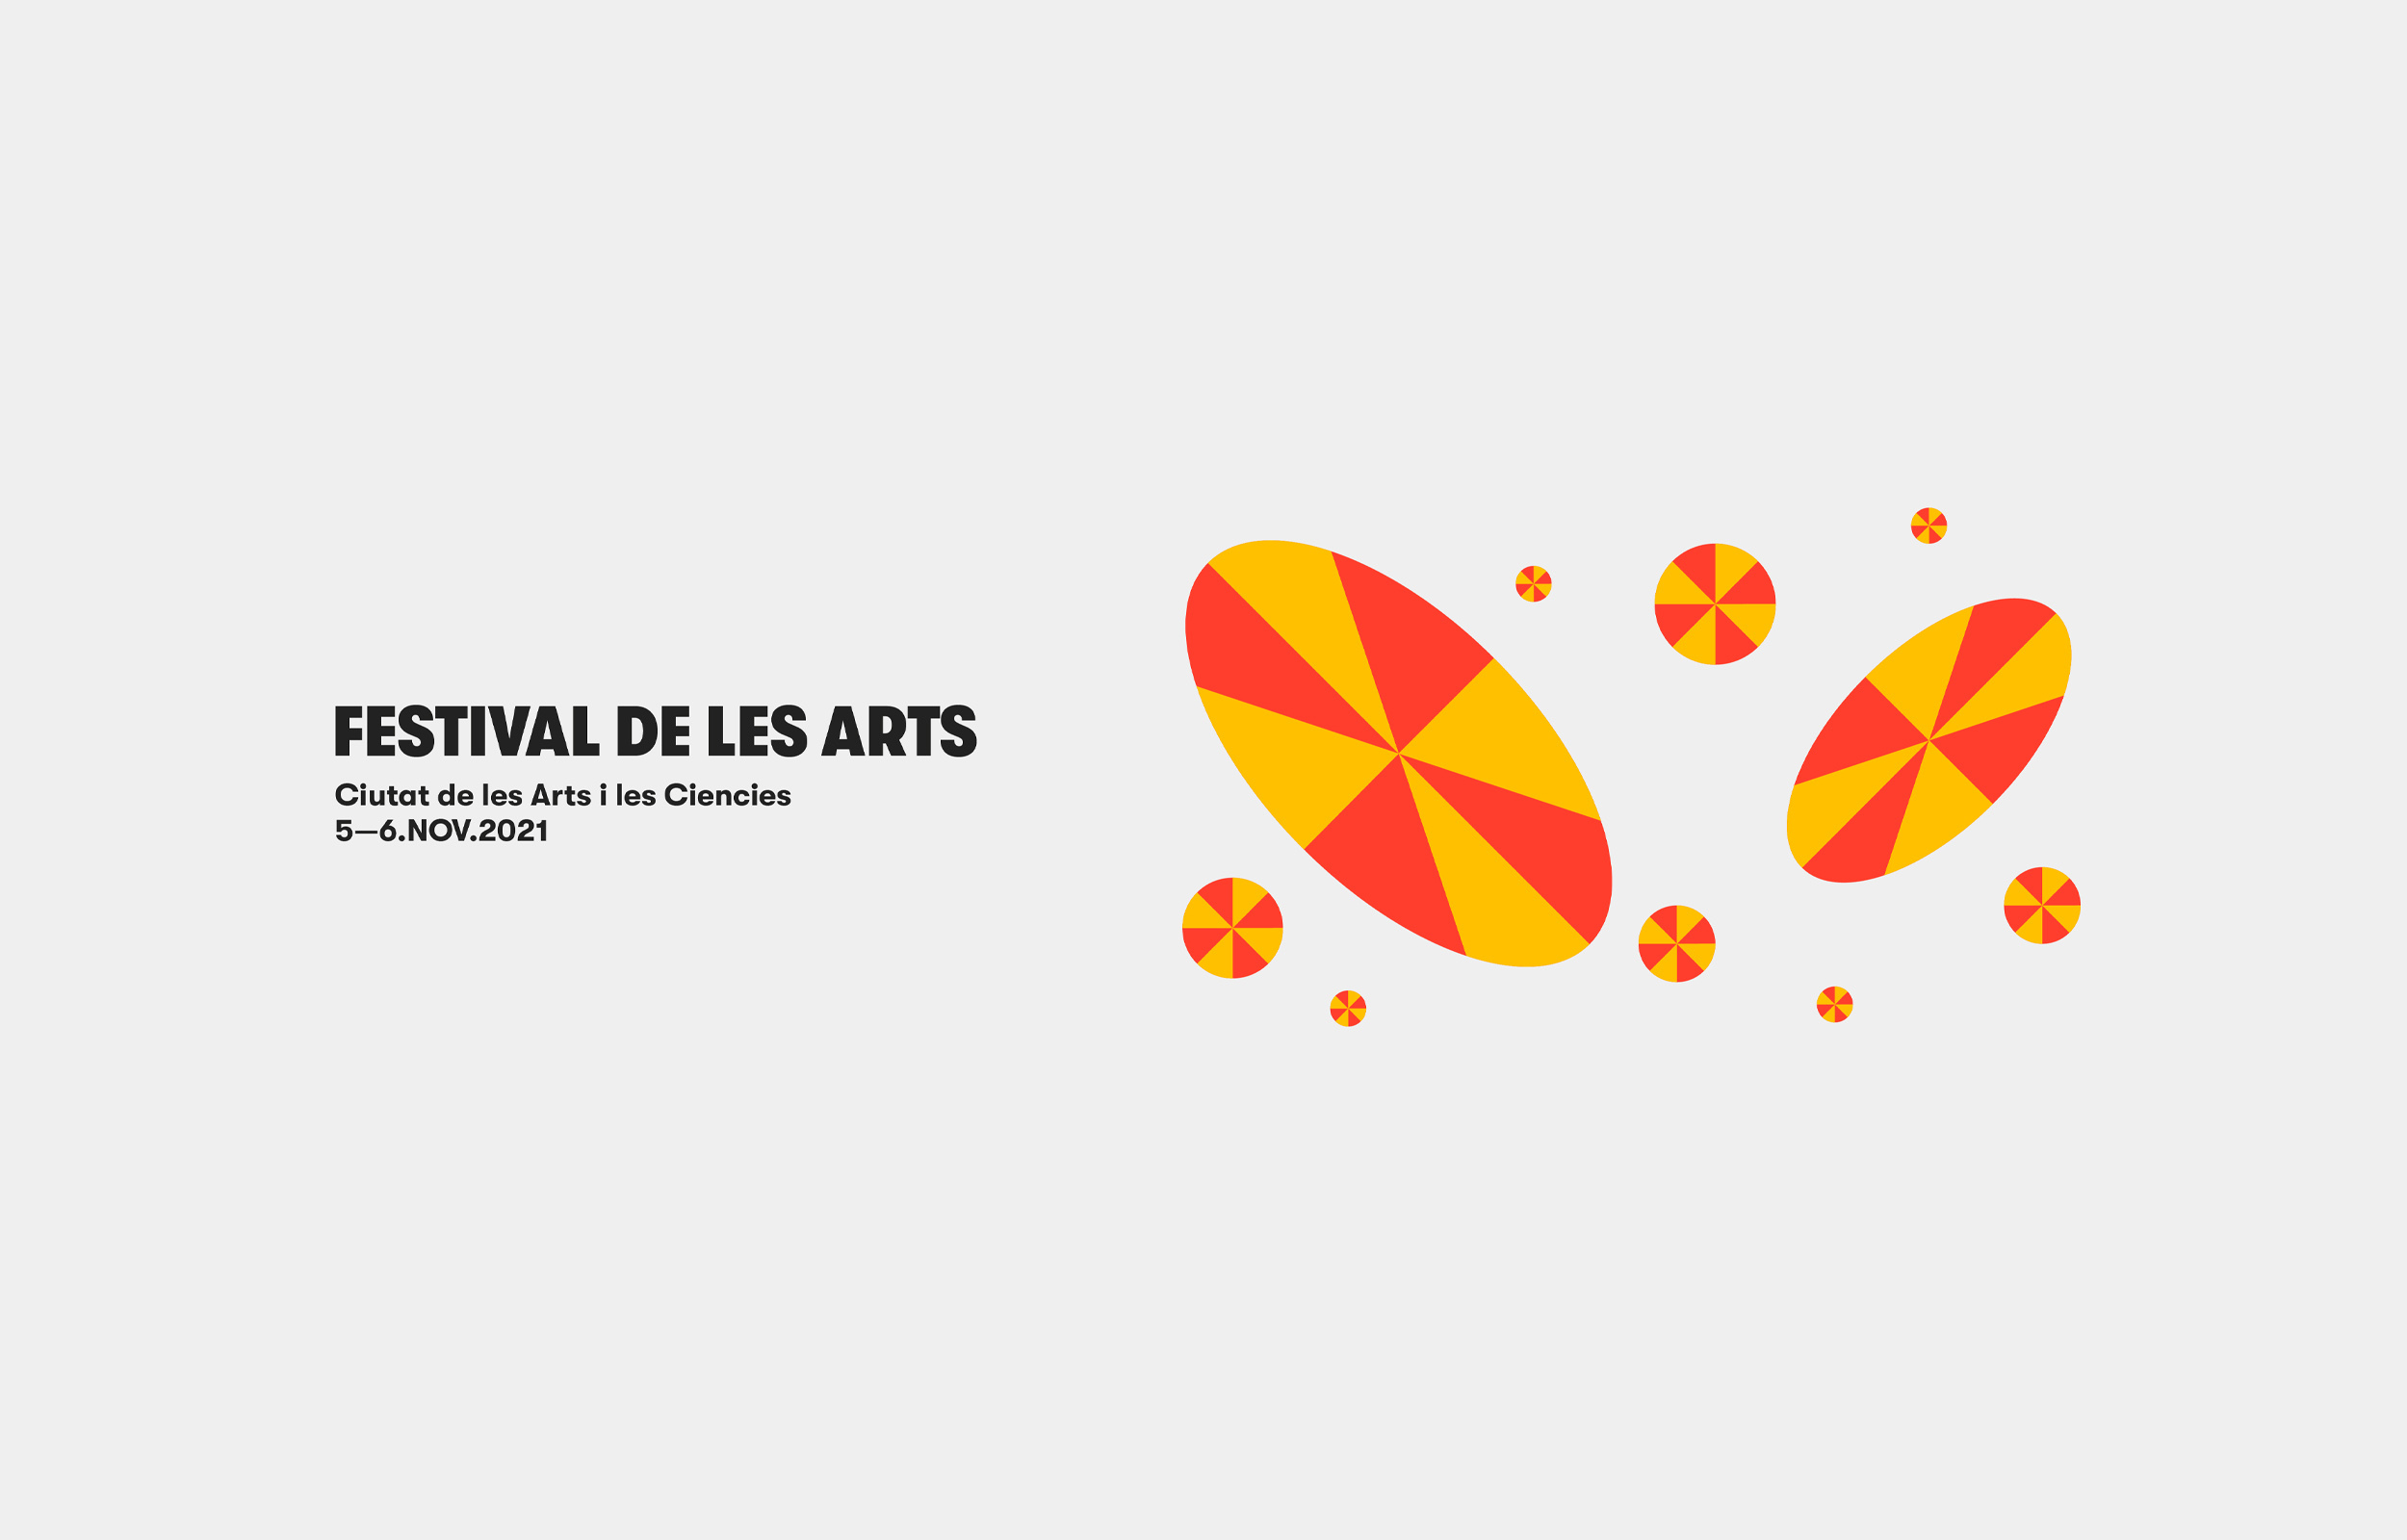 festival de les arts 2021 16248697084593